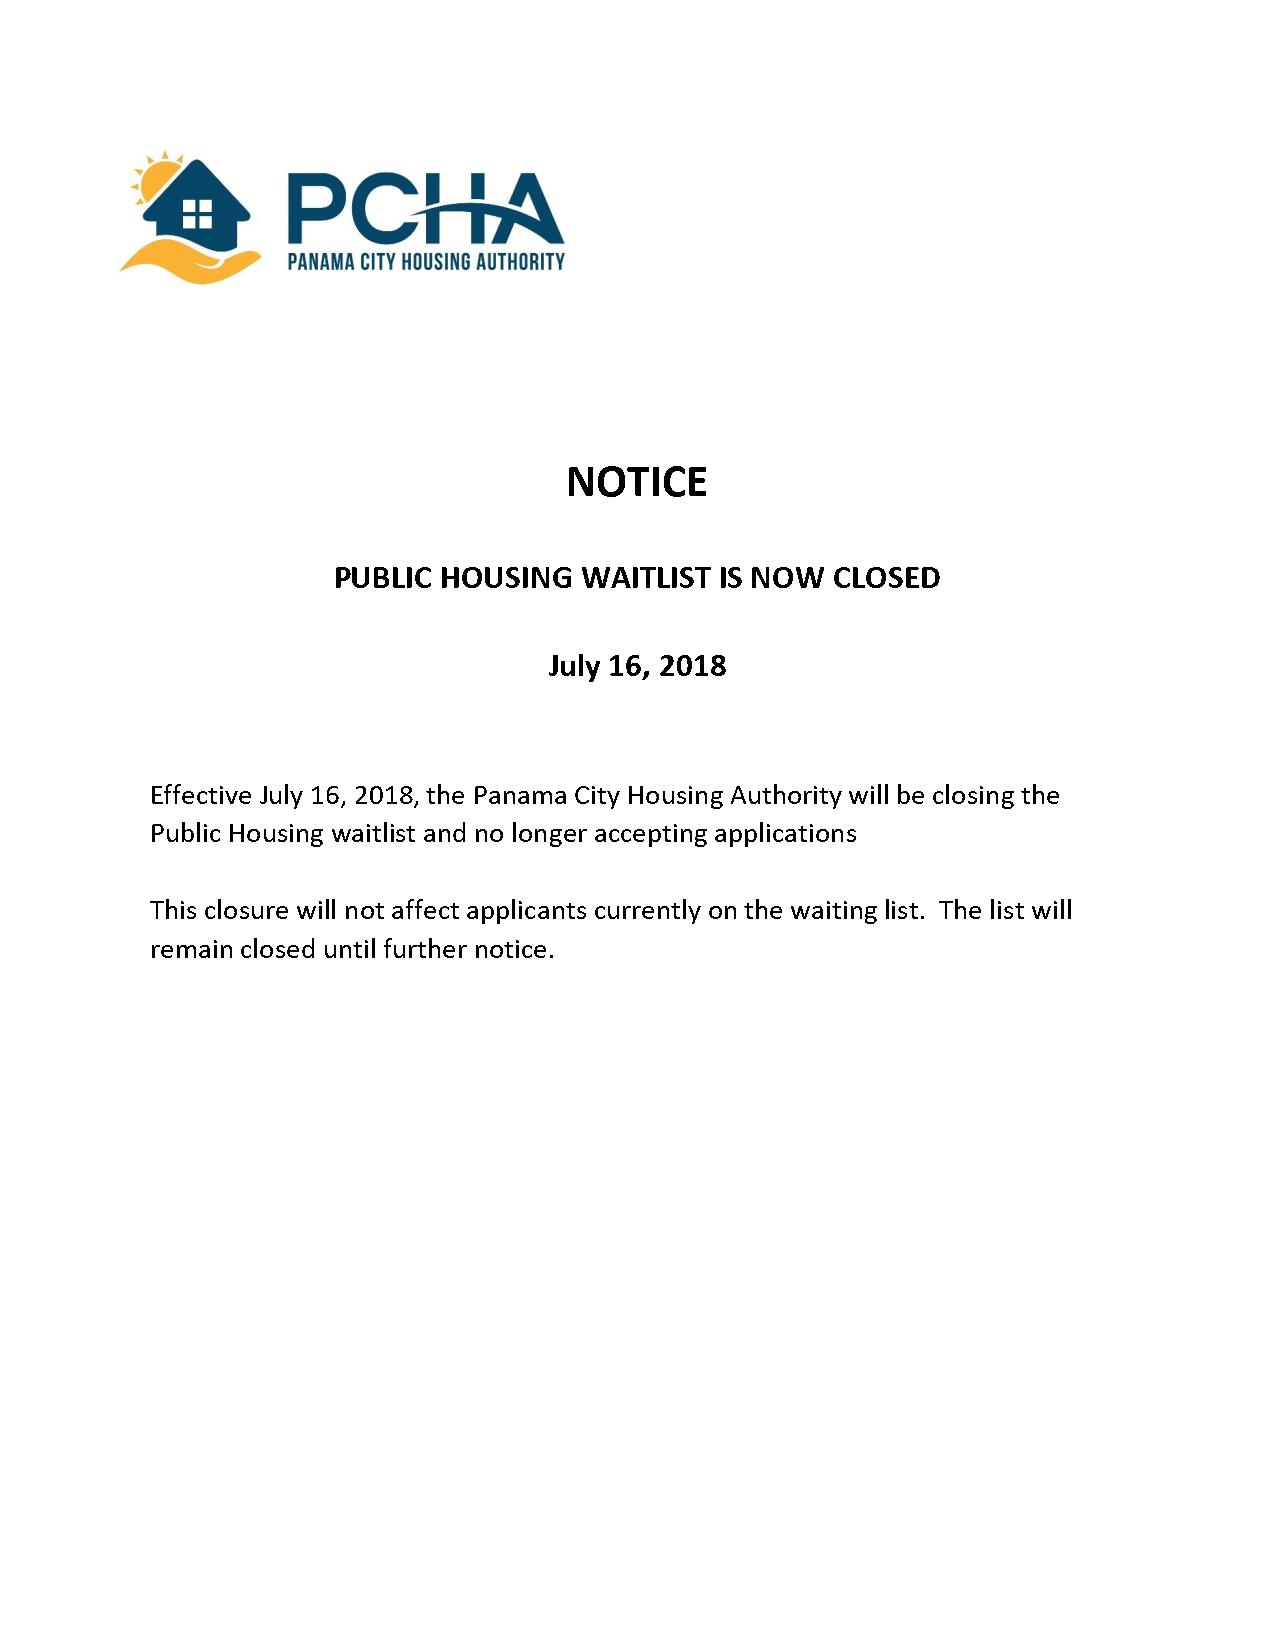 Waitlist Closed - Panama City Housing Authority